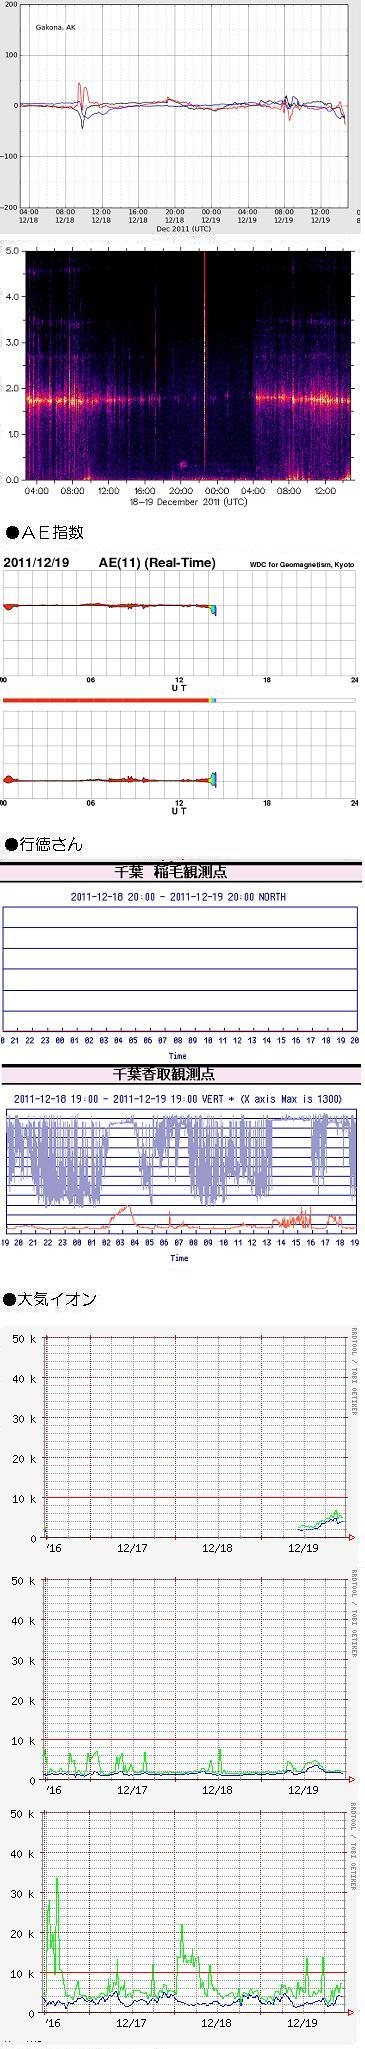 1220-1 データ